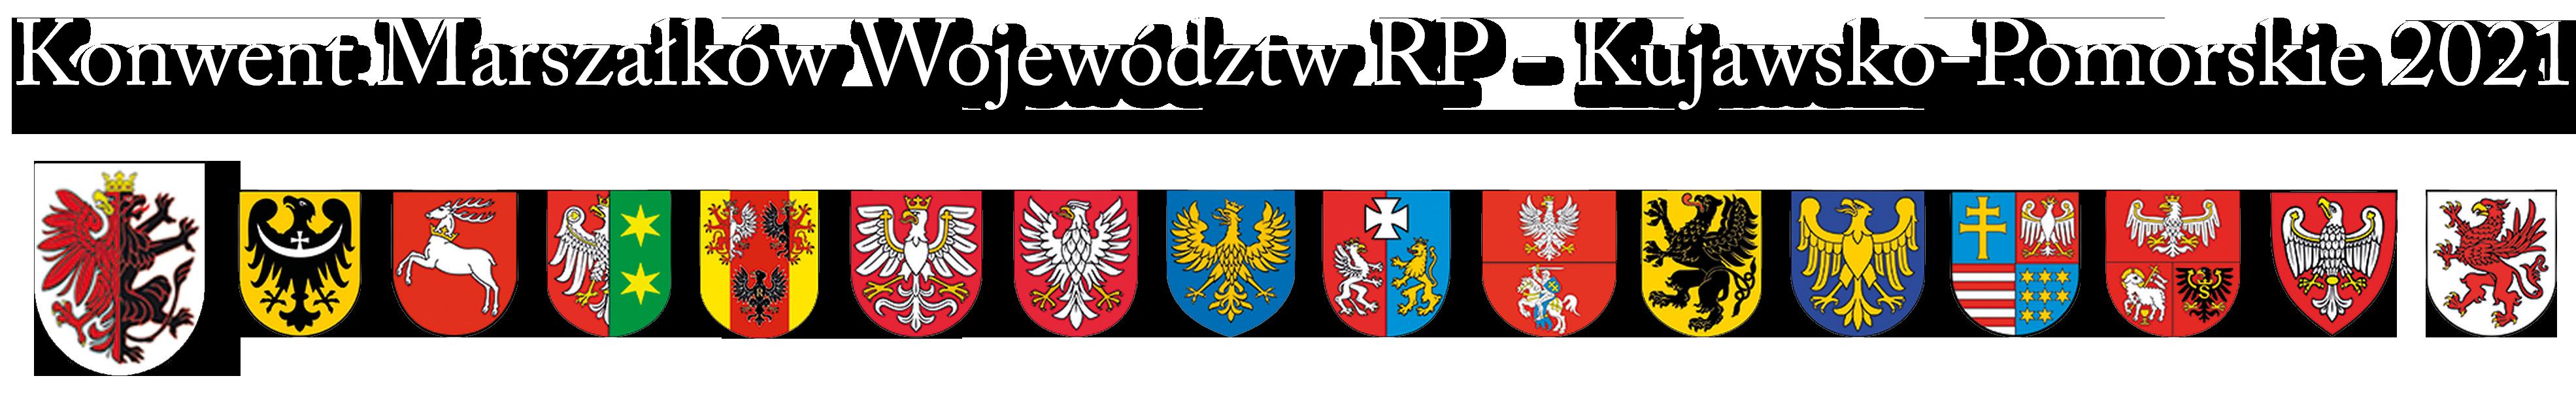 Konwent Marszałków Województw RP -Kujawsko-Pomorskie 2021